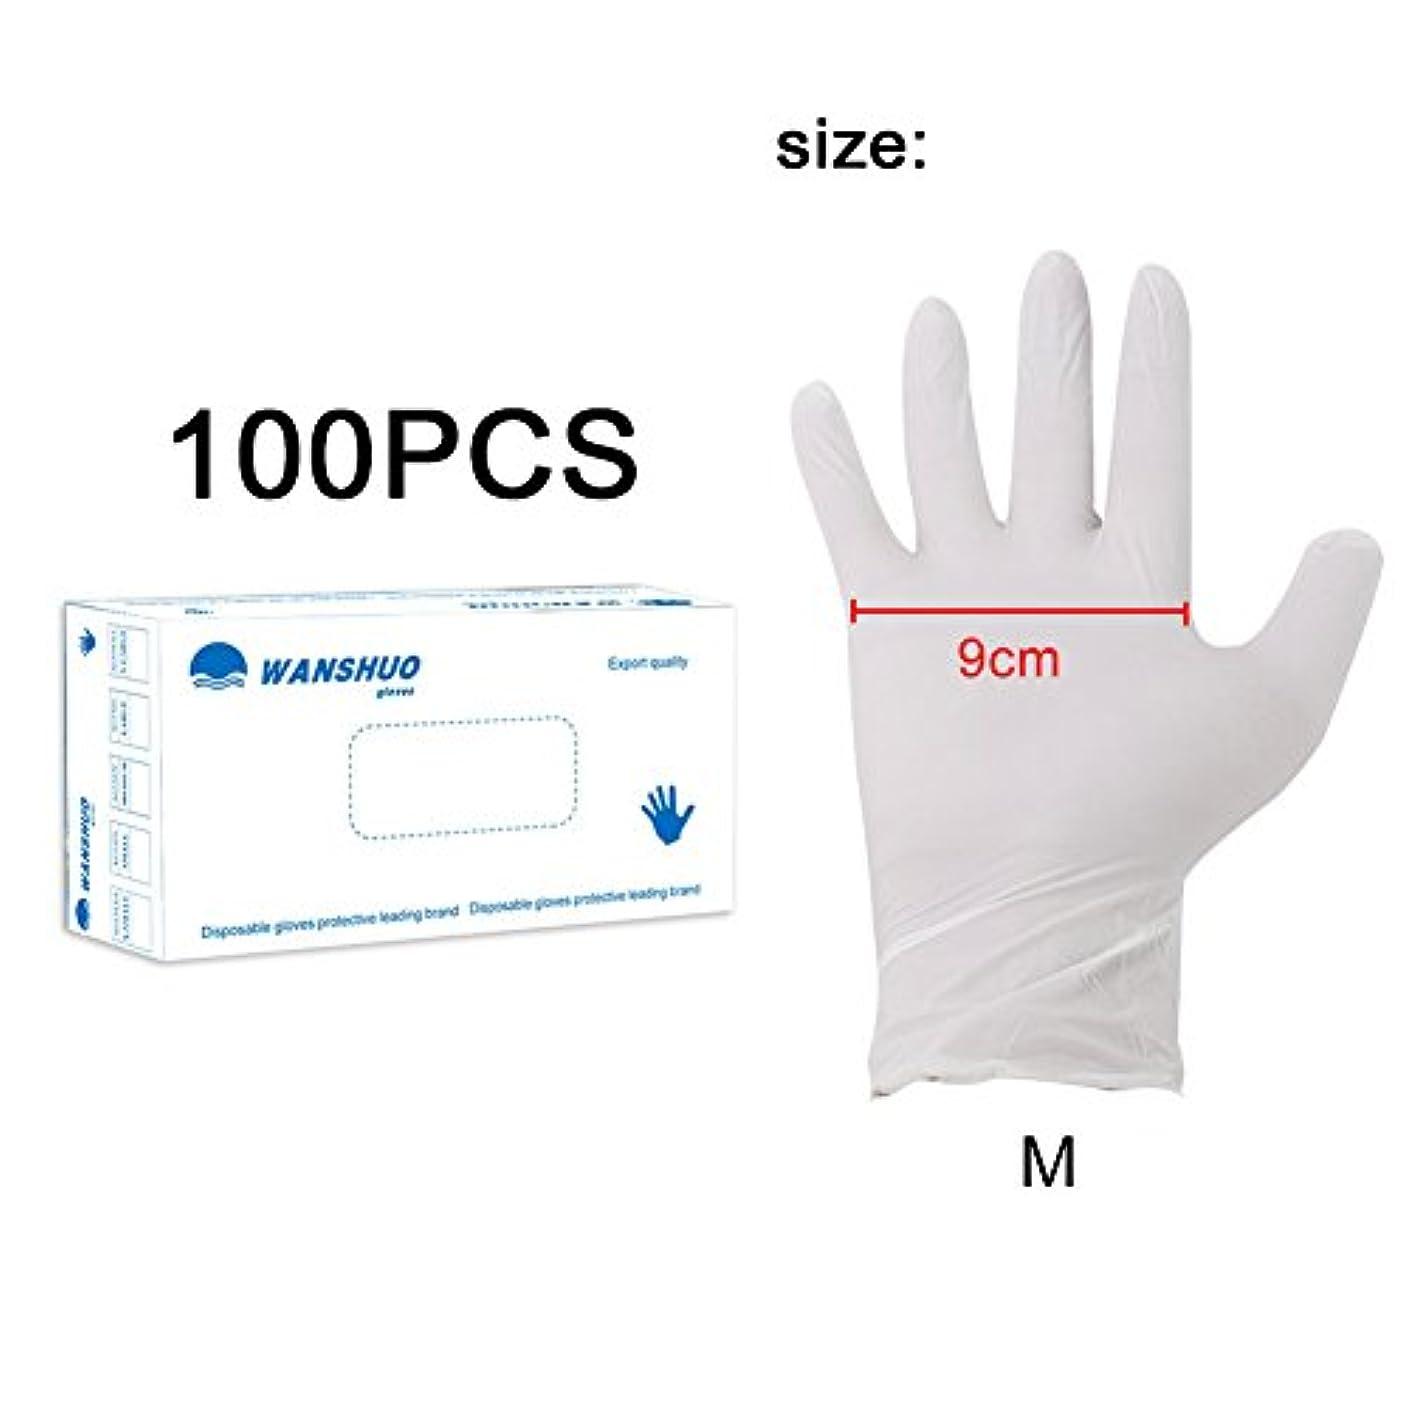 主要なコーナー大胆不敵使い捨て手袋 ニトリルグローブ ホワイト 粉なし 化学保護/酸/アルカリ/耐油性/防水 S/M/L選択可 100枚 左右兼用 作業手袋(M)